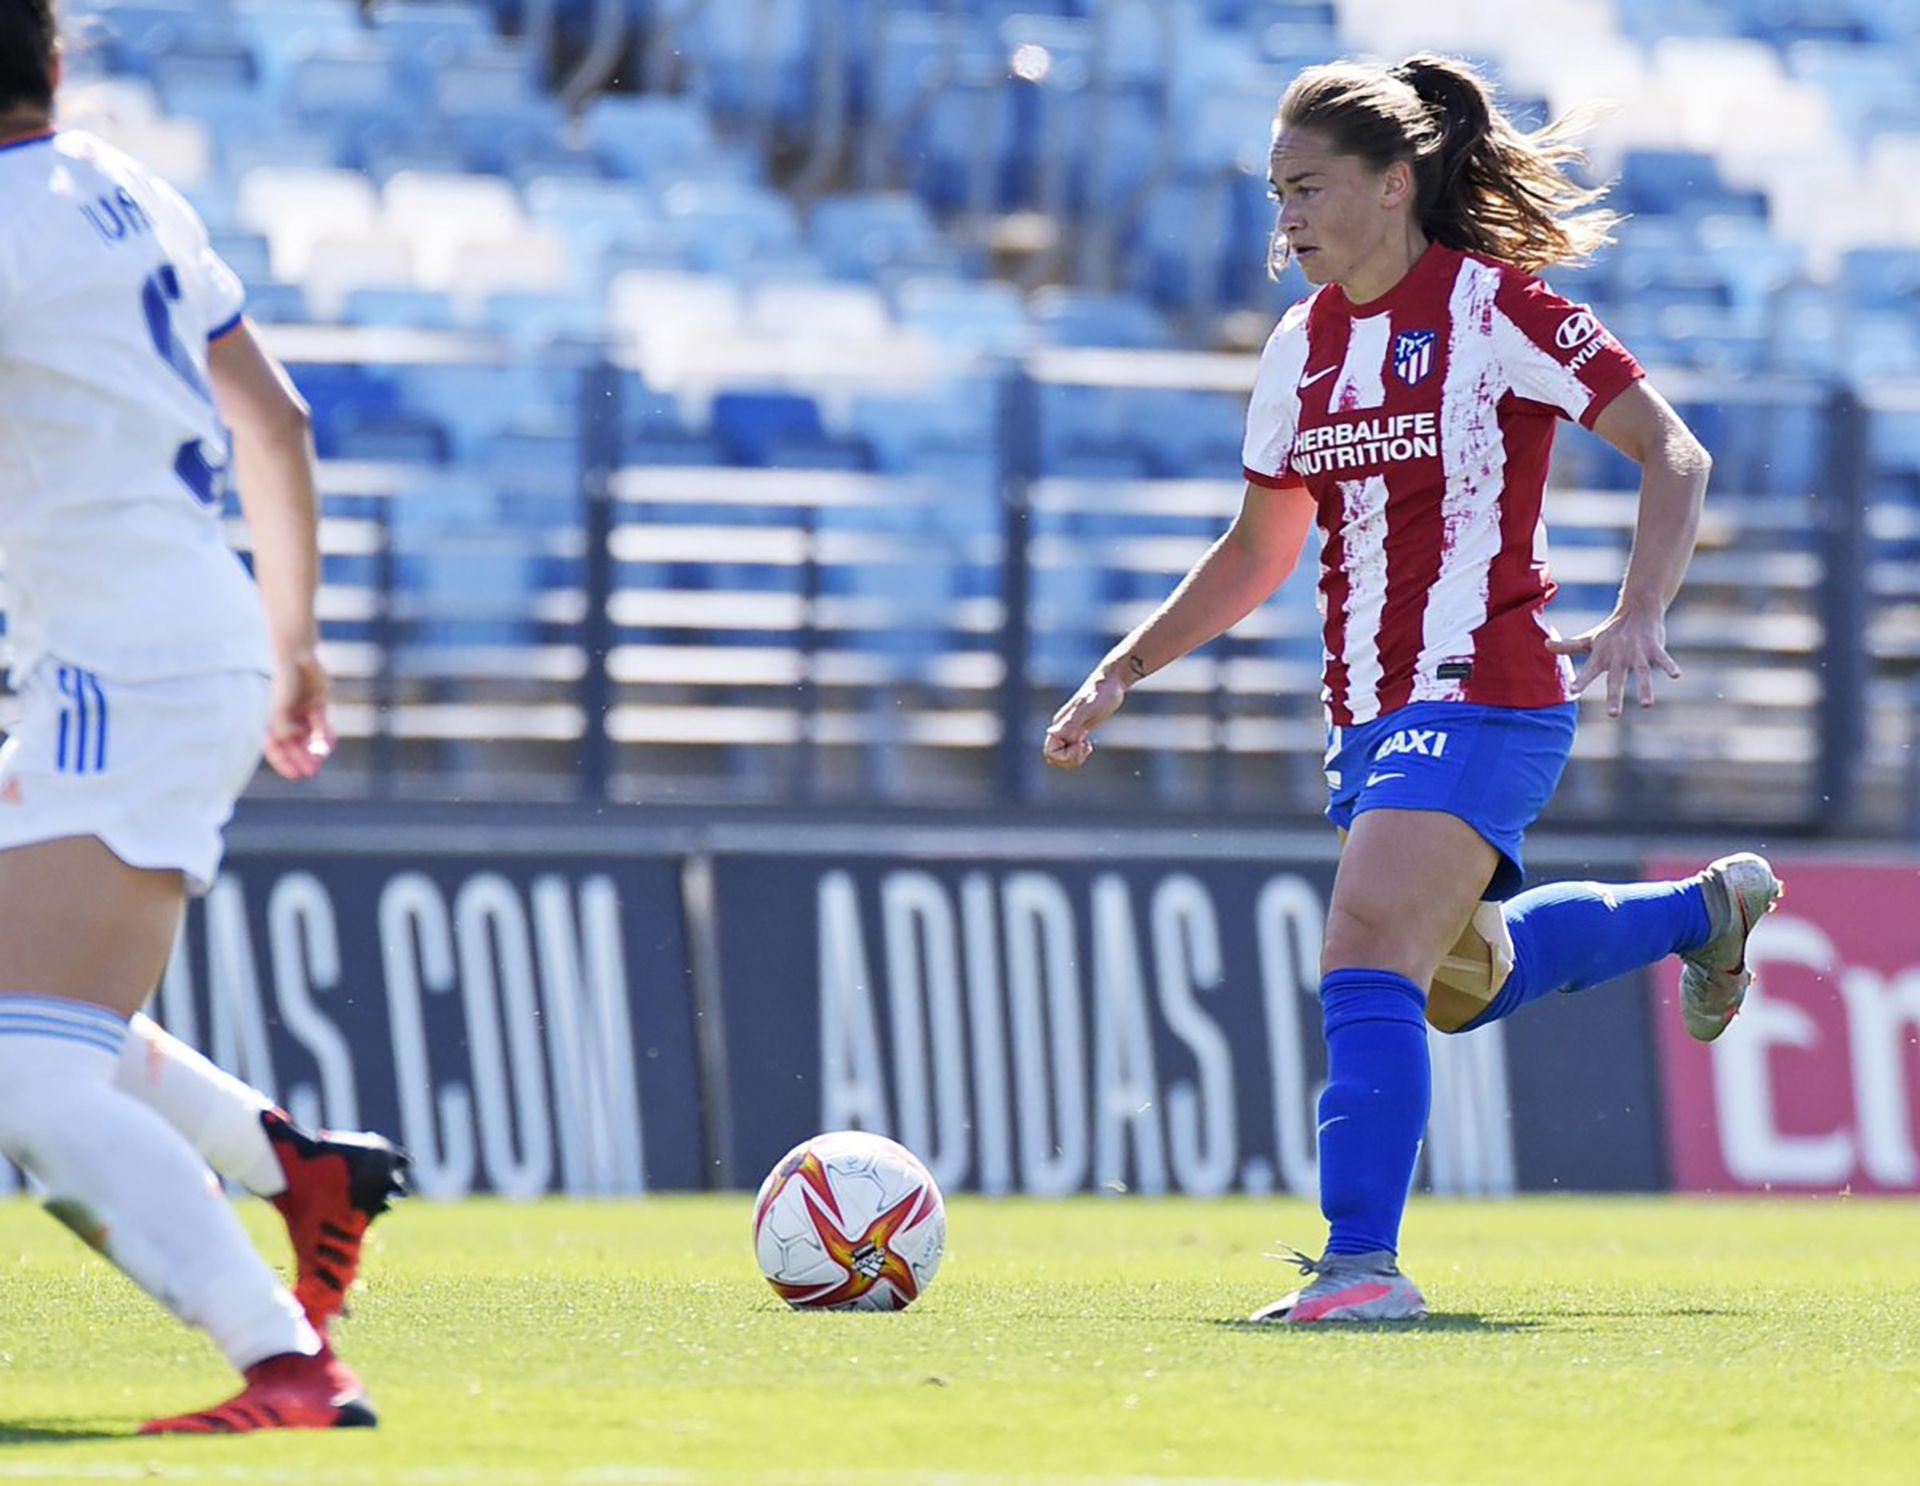 Fotos Estefanía Banini Atlético Madrid